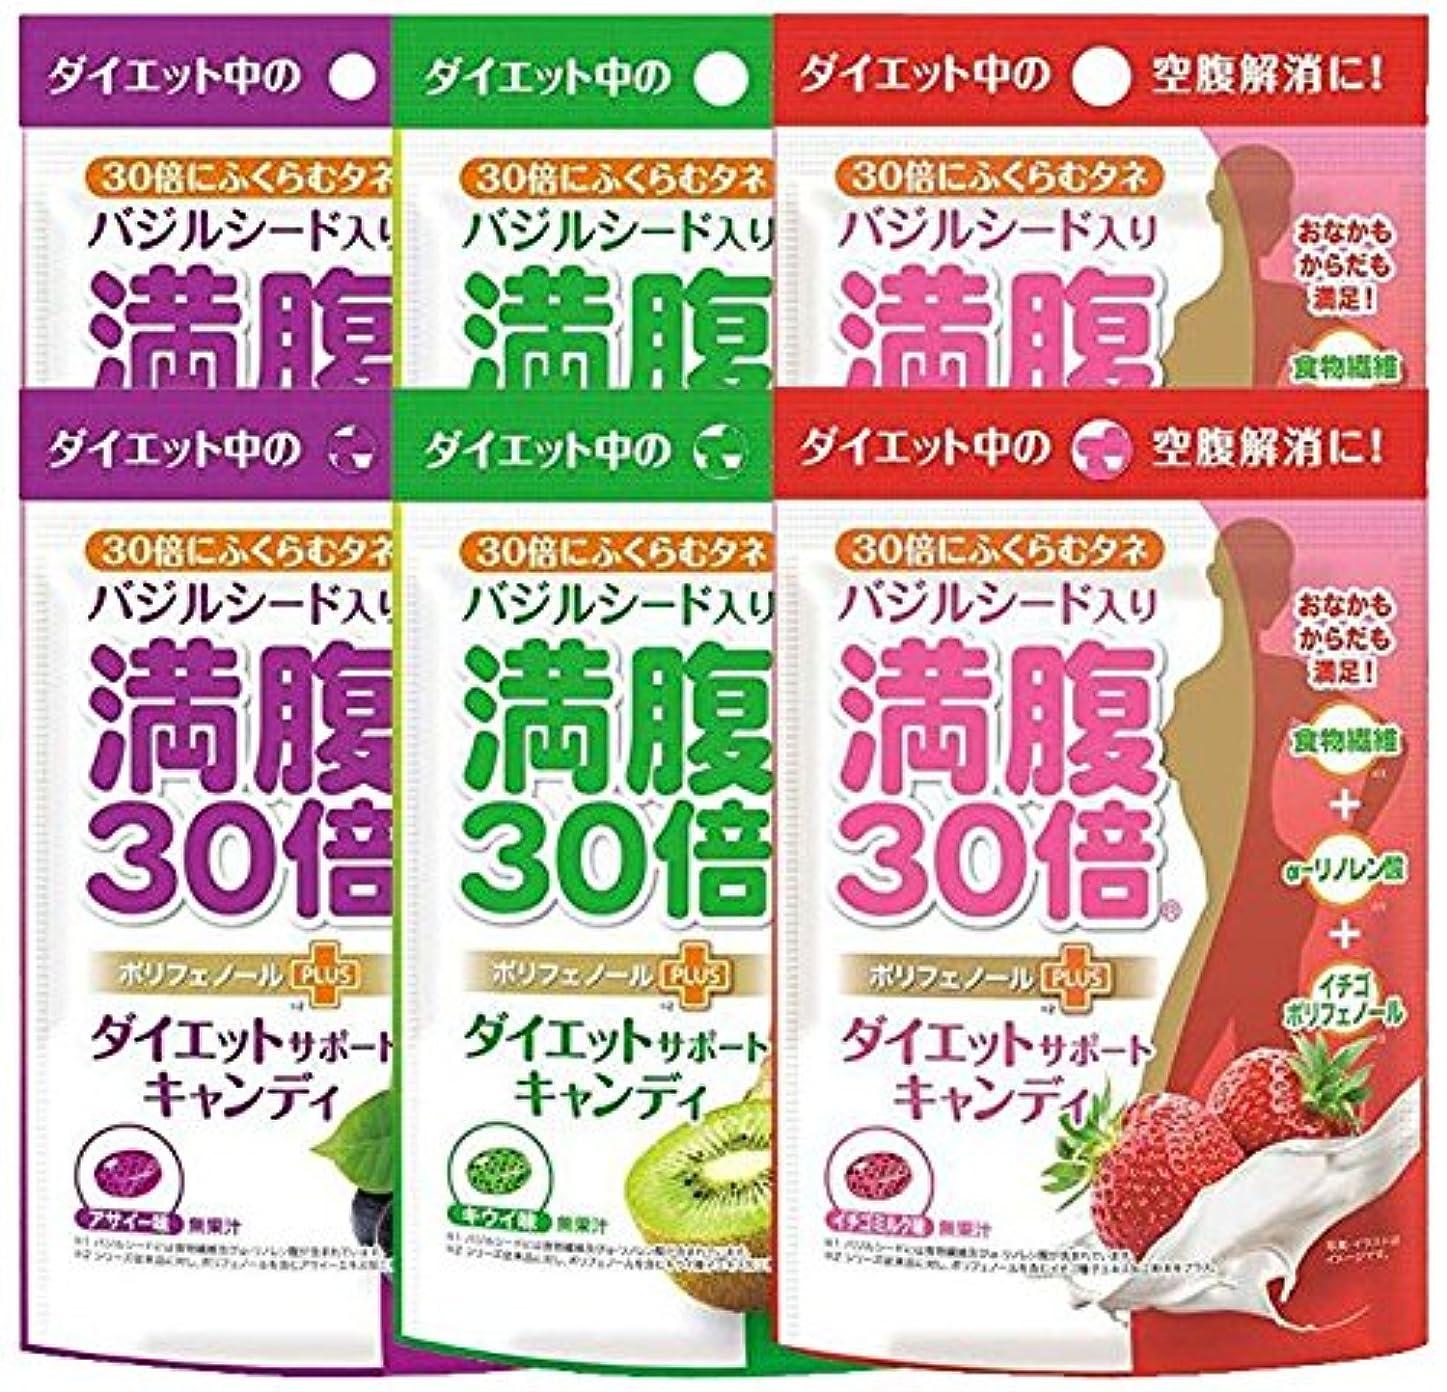 参照欺シガレット満腹30倍 ダイエットサポートキャンディ 3種アソート( アサイー キウイ イチゴミルク 各2袋) 6袋